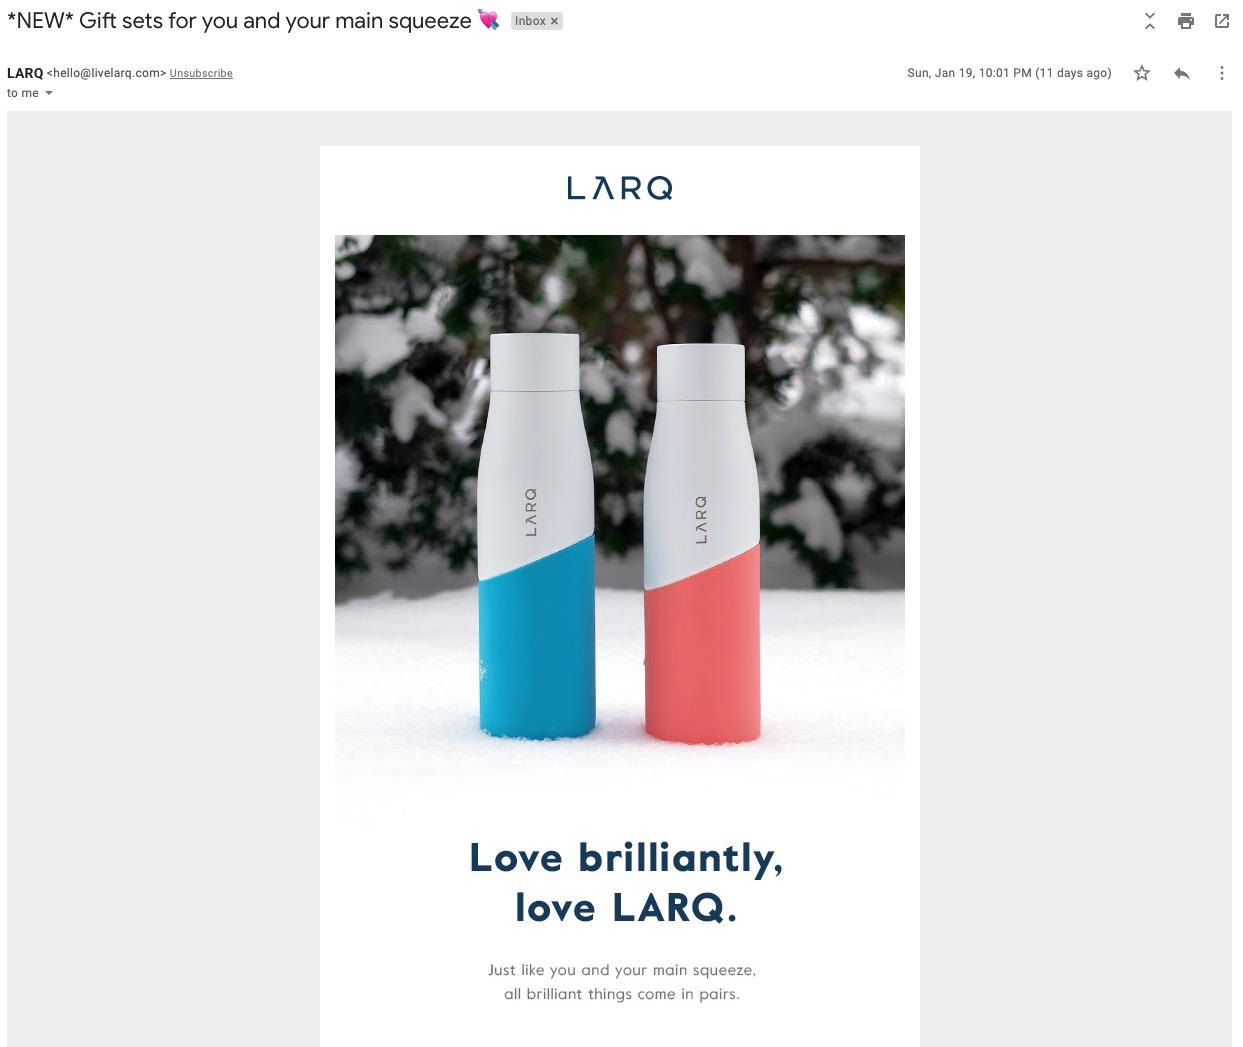 LARQ Vday Email1 1